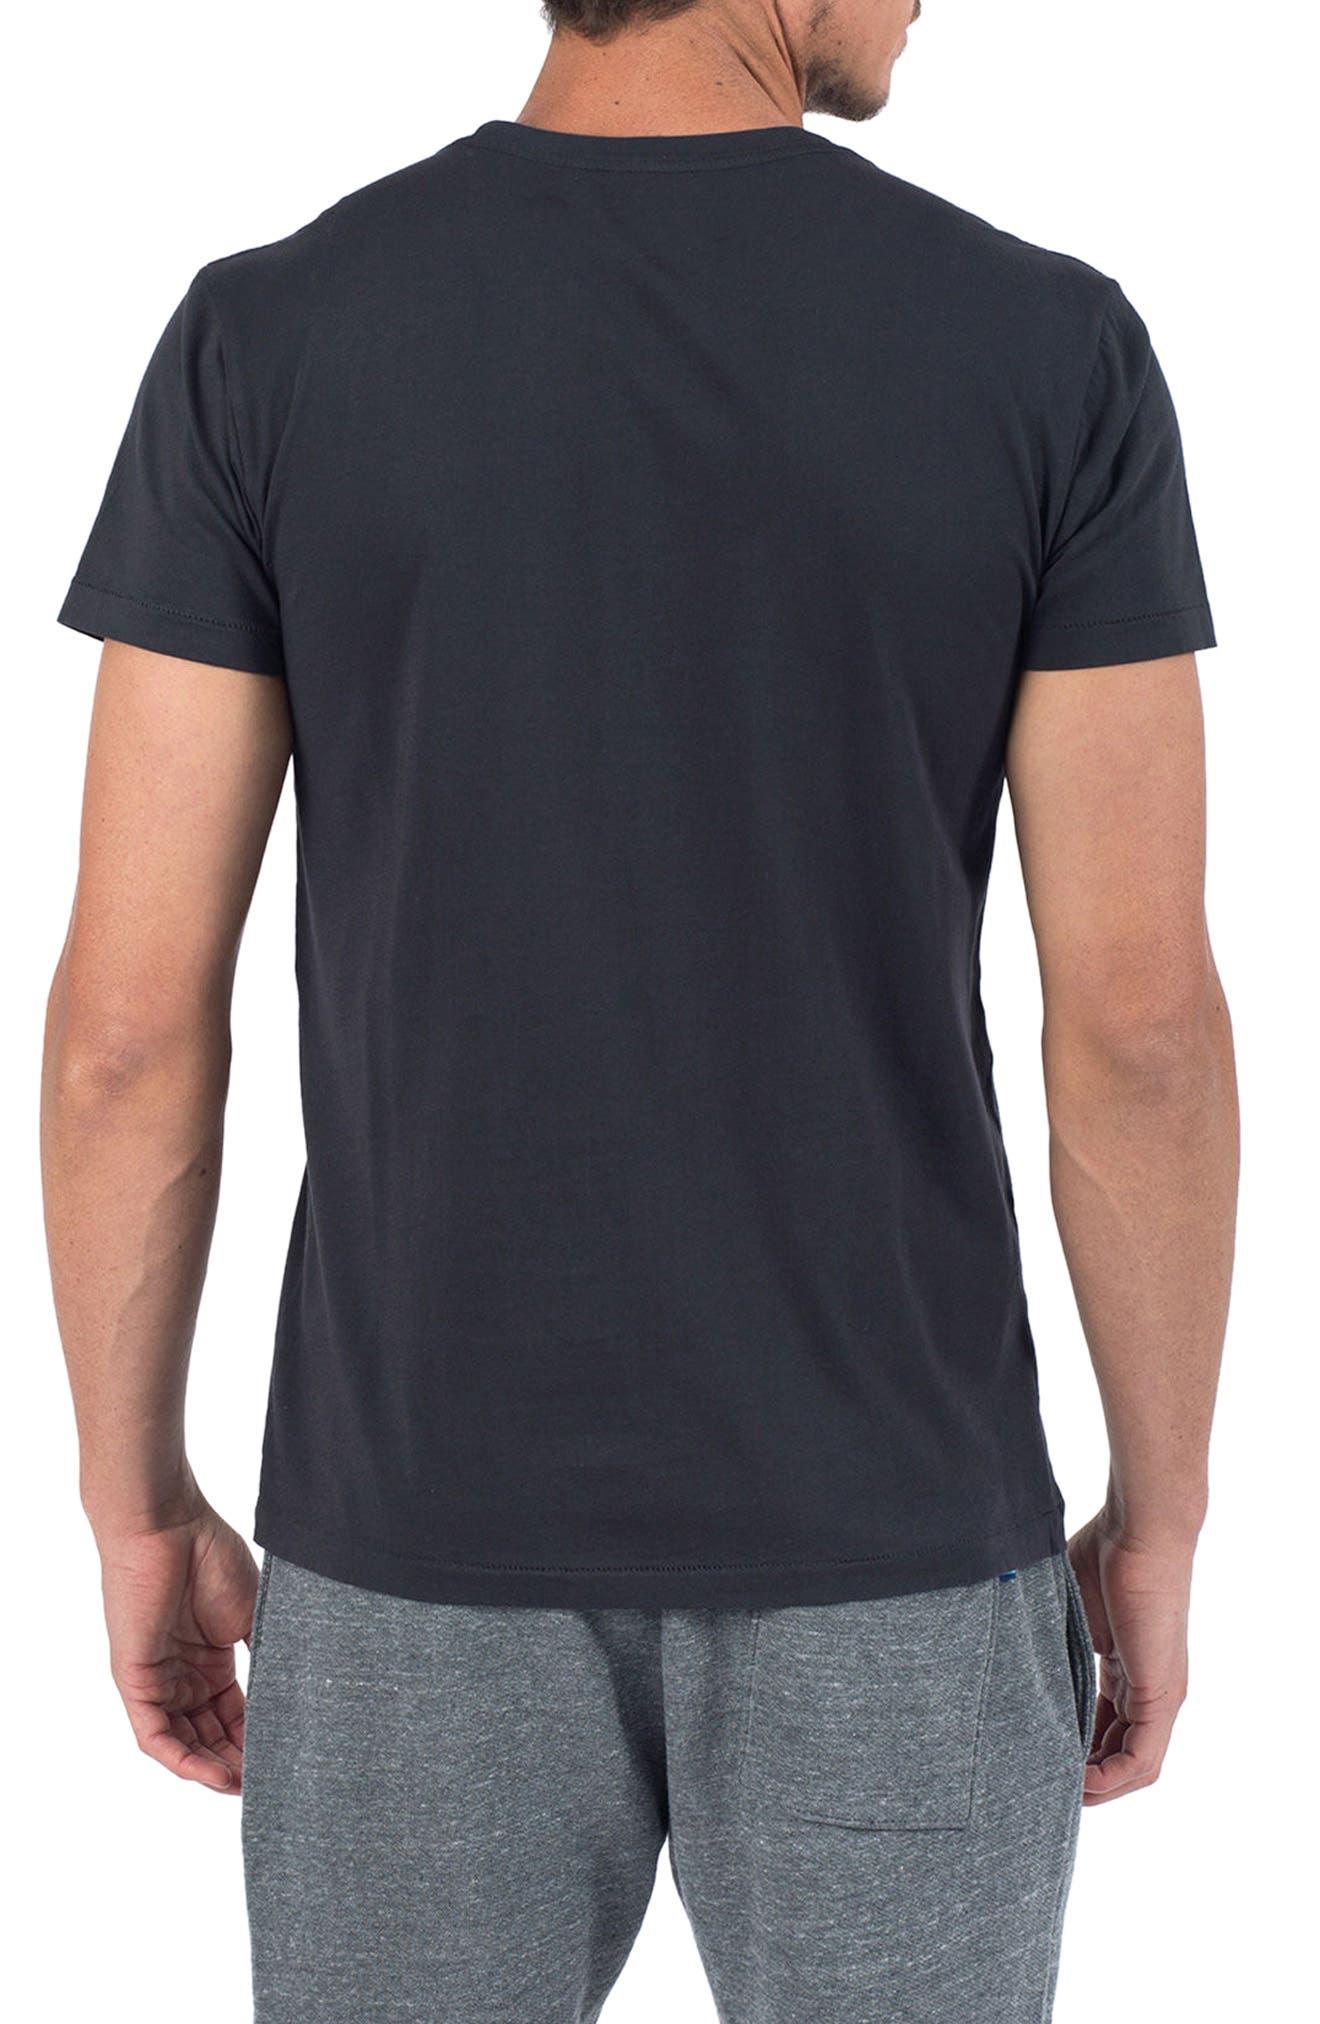 Rum Away T-Shirt,                             Alternate thumbnail 2, color,                             V Black